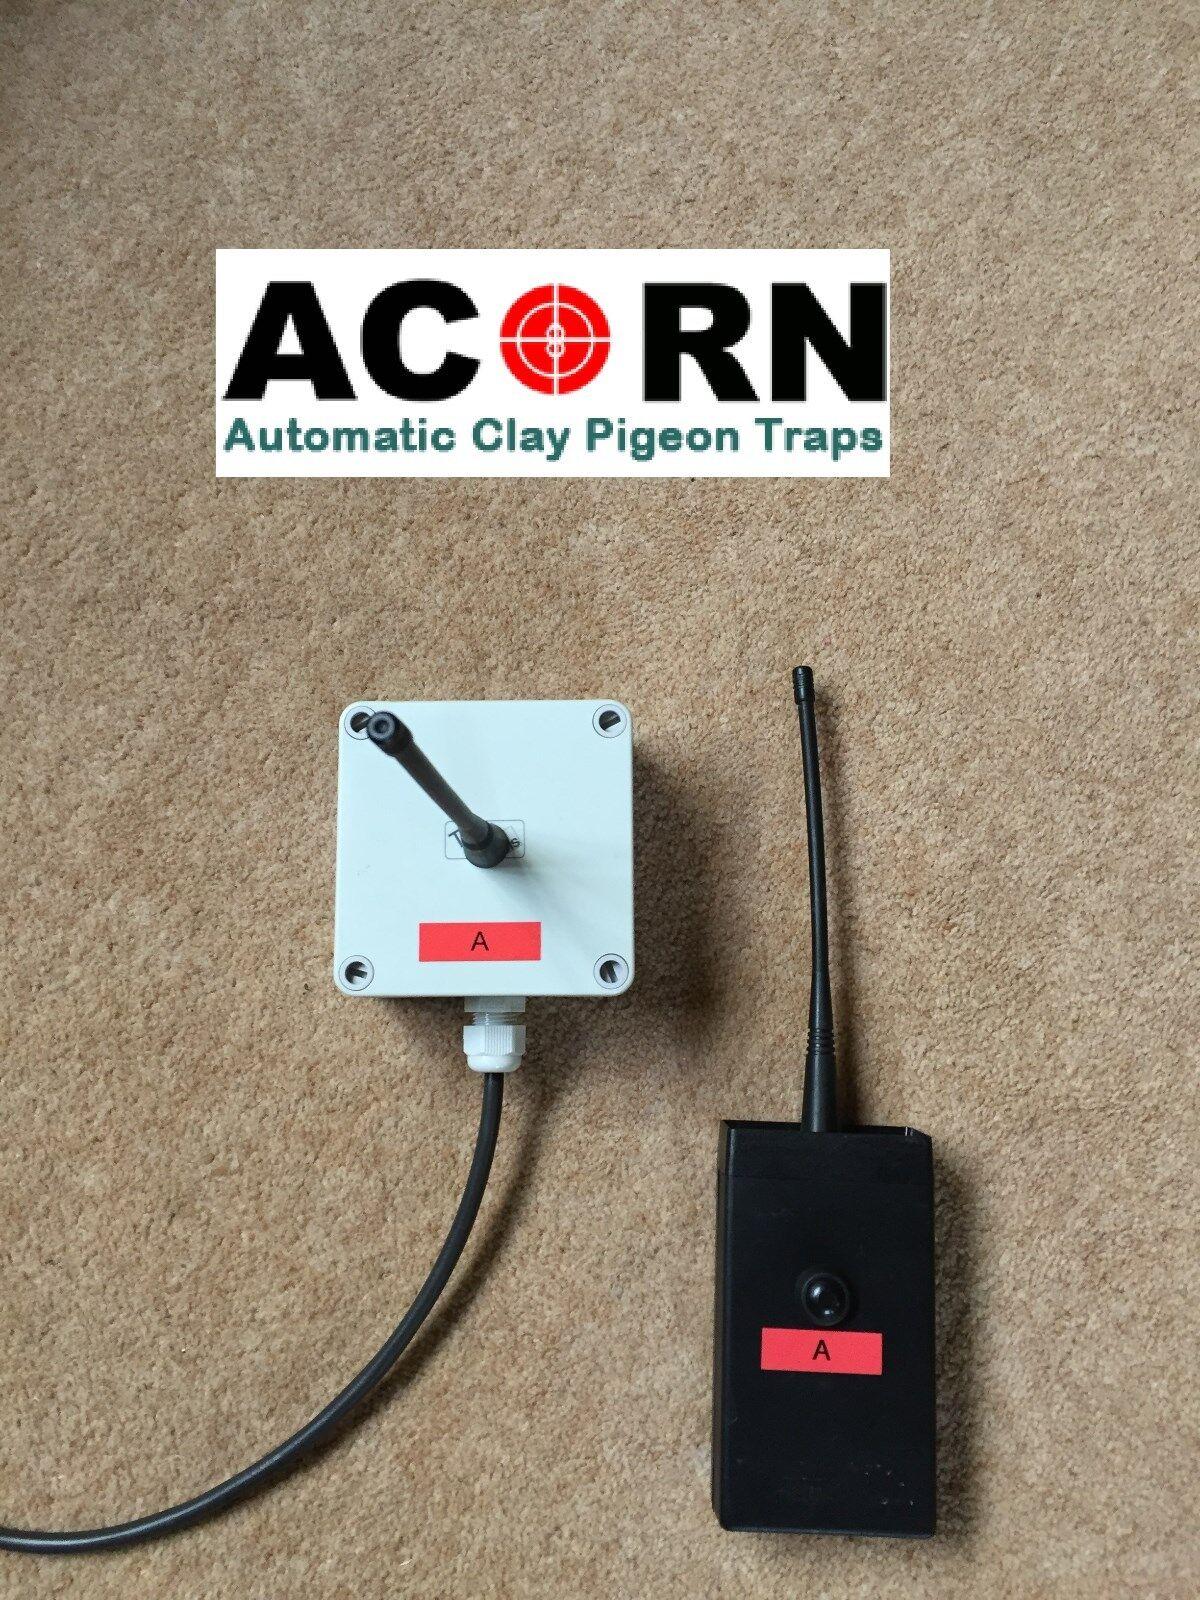 Acorn Clay Pigeon trampa de radio inalámbrica solo